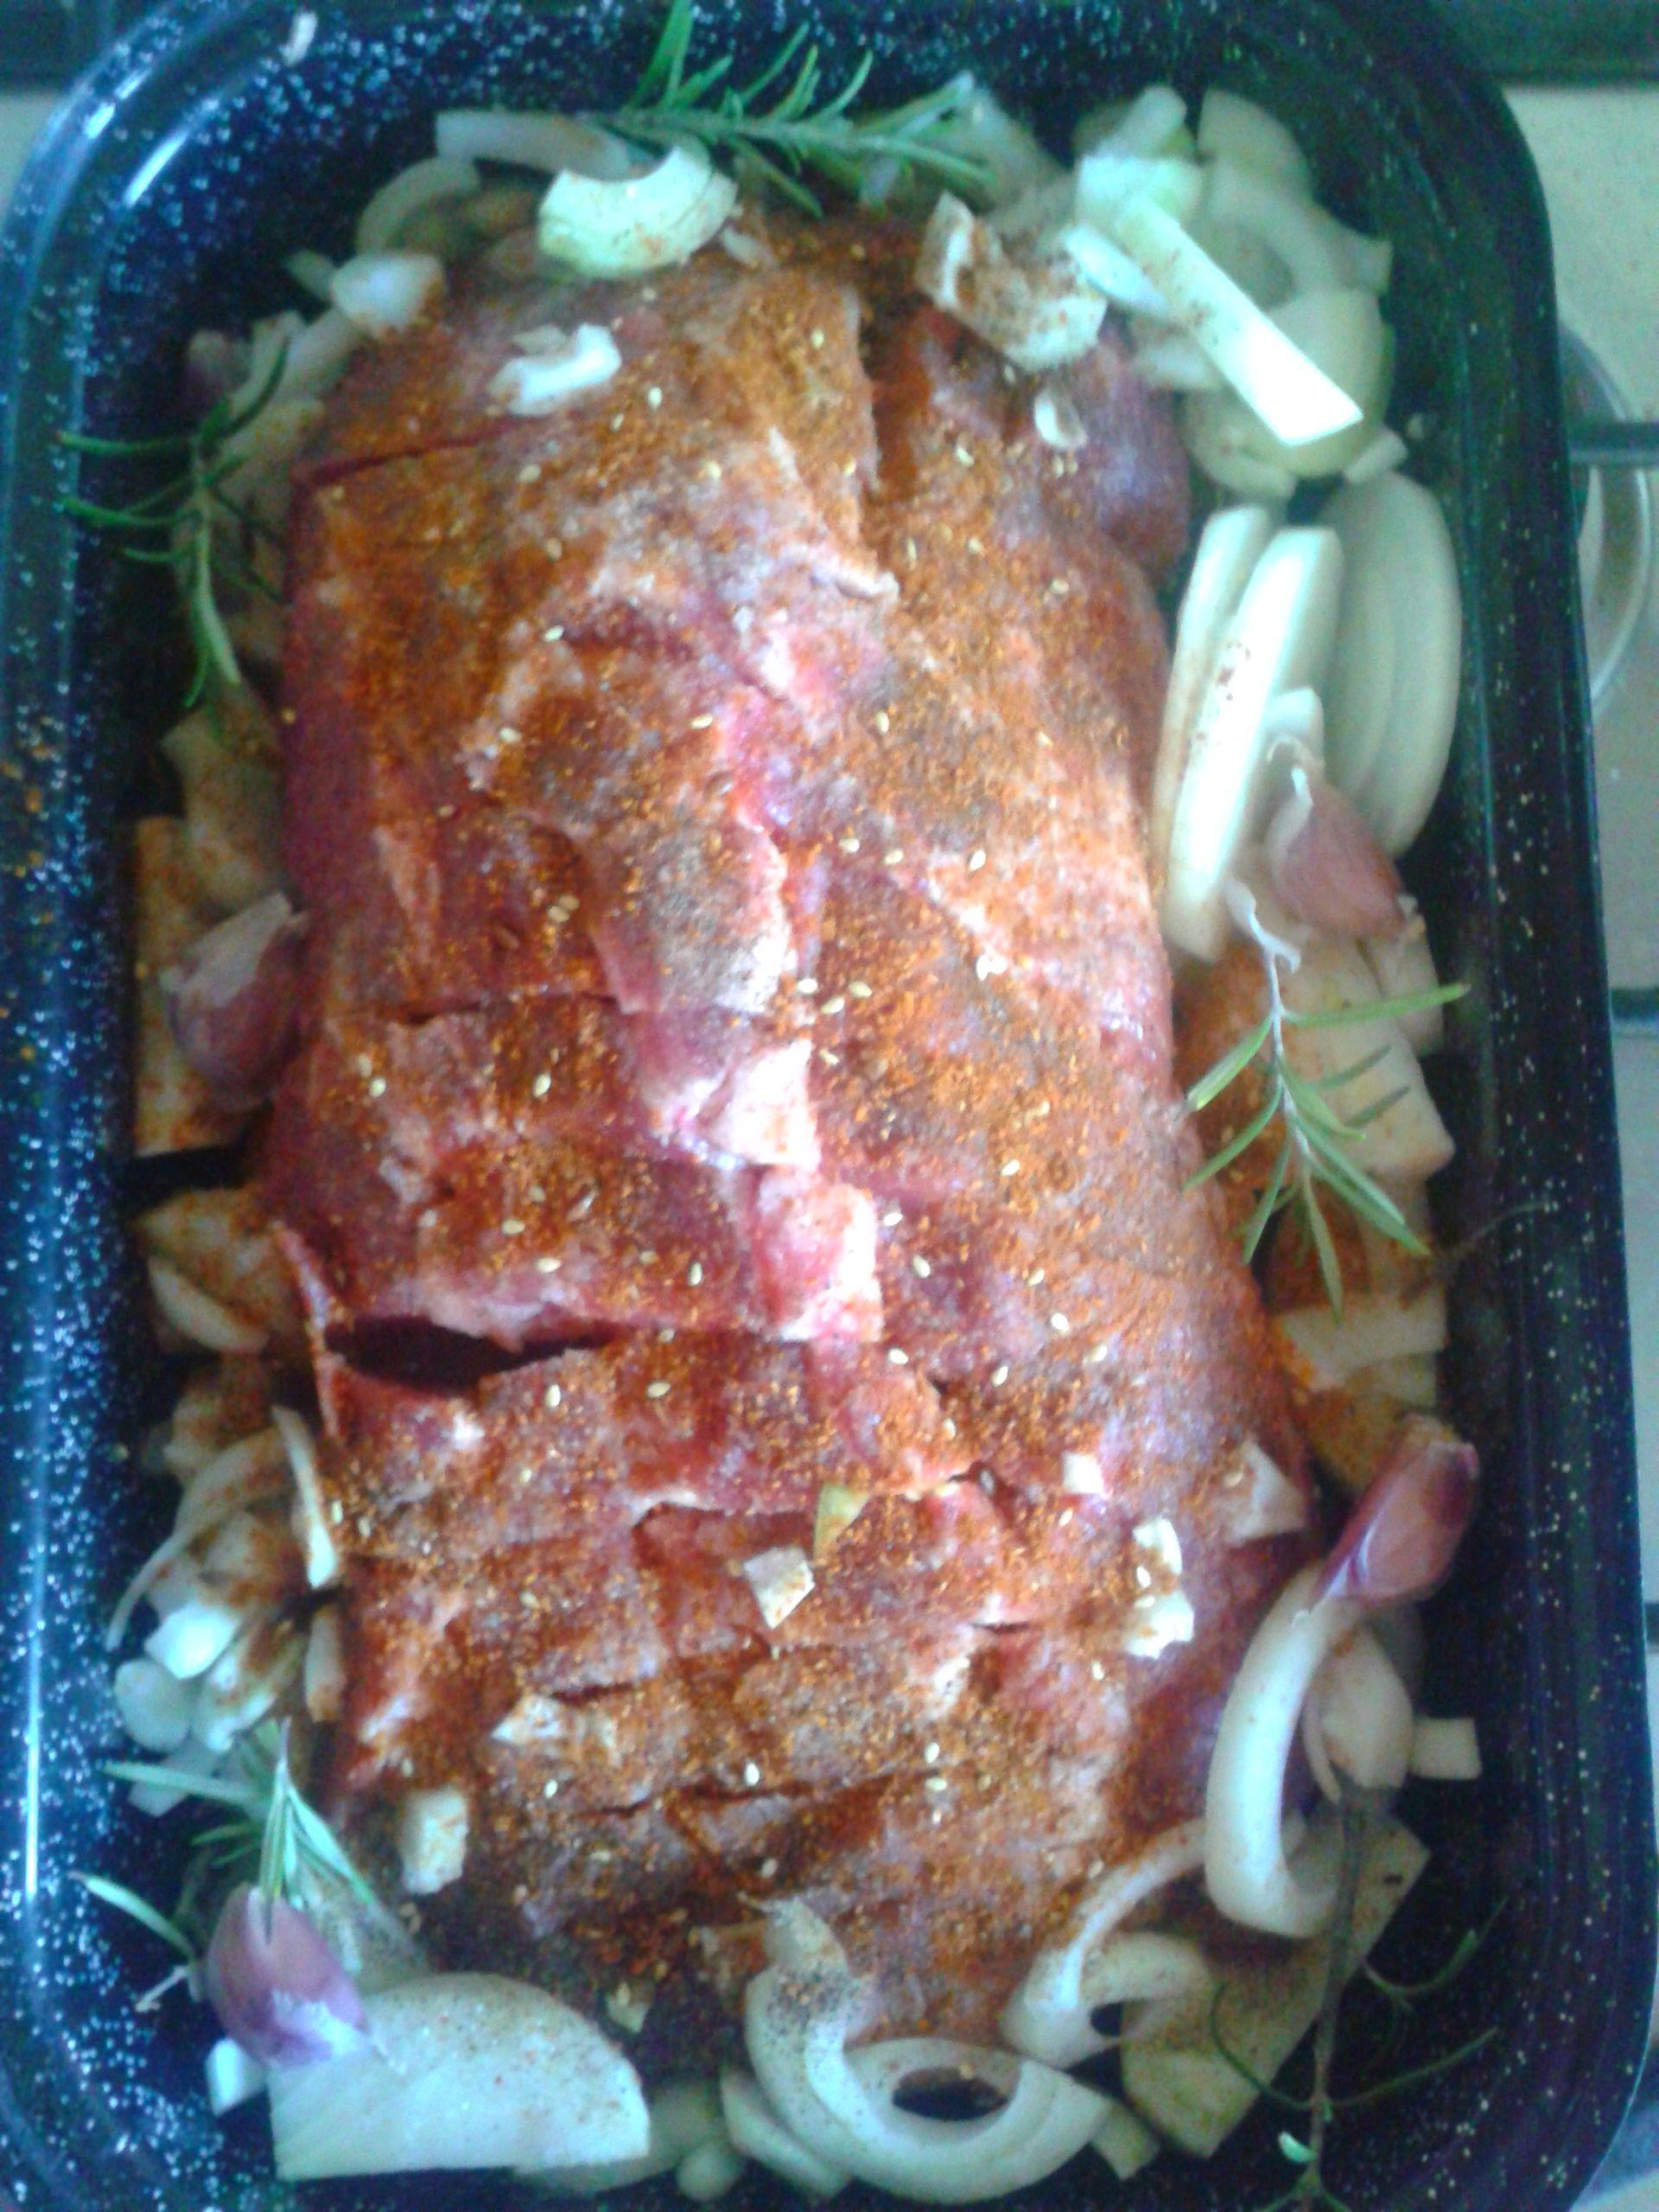 bravčová krkovička pripravená na pečene s cesnakom, cibuľou, rozmarínom, posypaná zmesou zo soli, čierneho korenia a údenej červenej papriky.